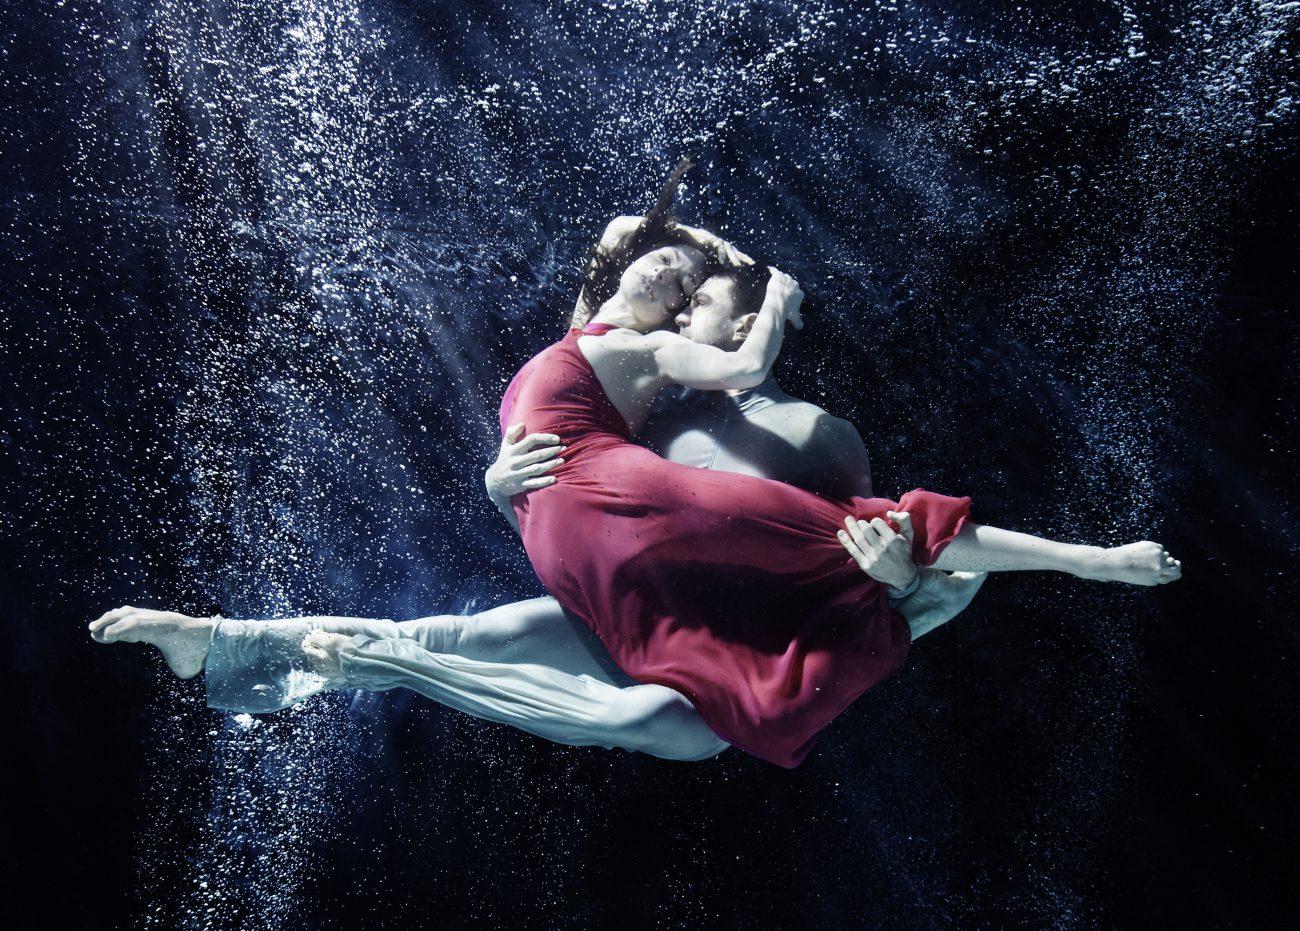 Unterwasser Ästhetik, Art On Screen - News - [AOS] Magazine